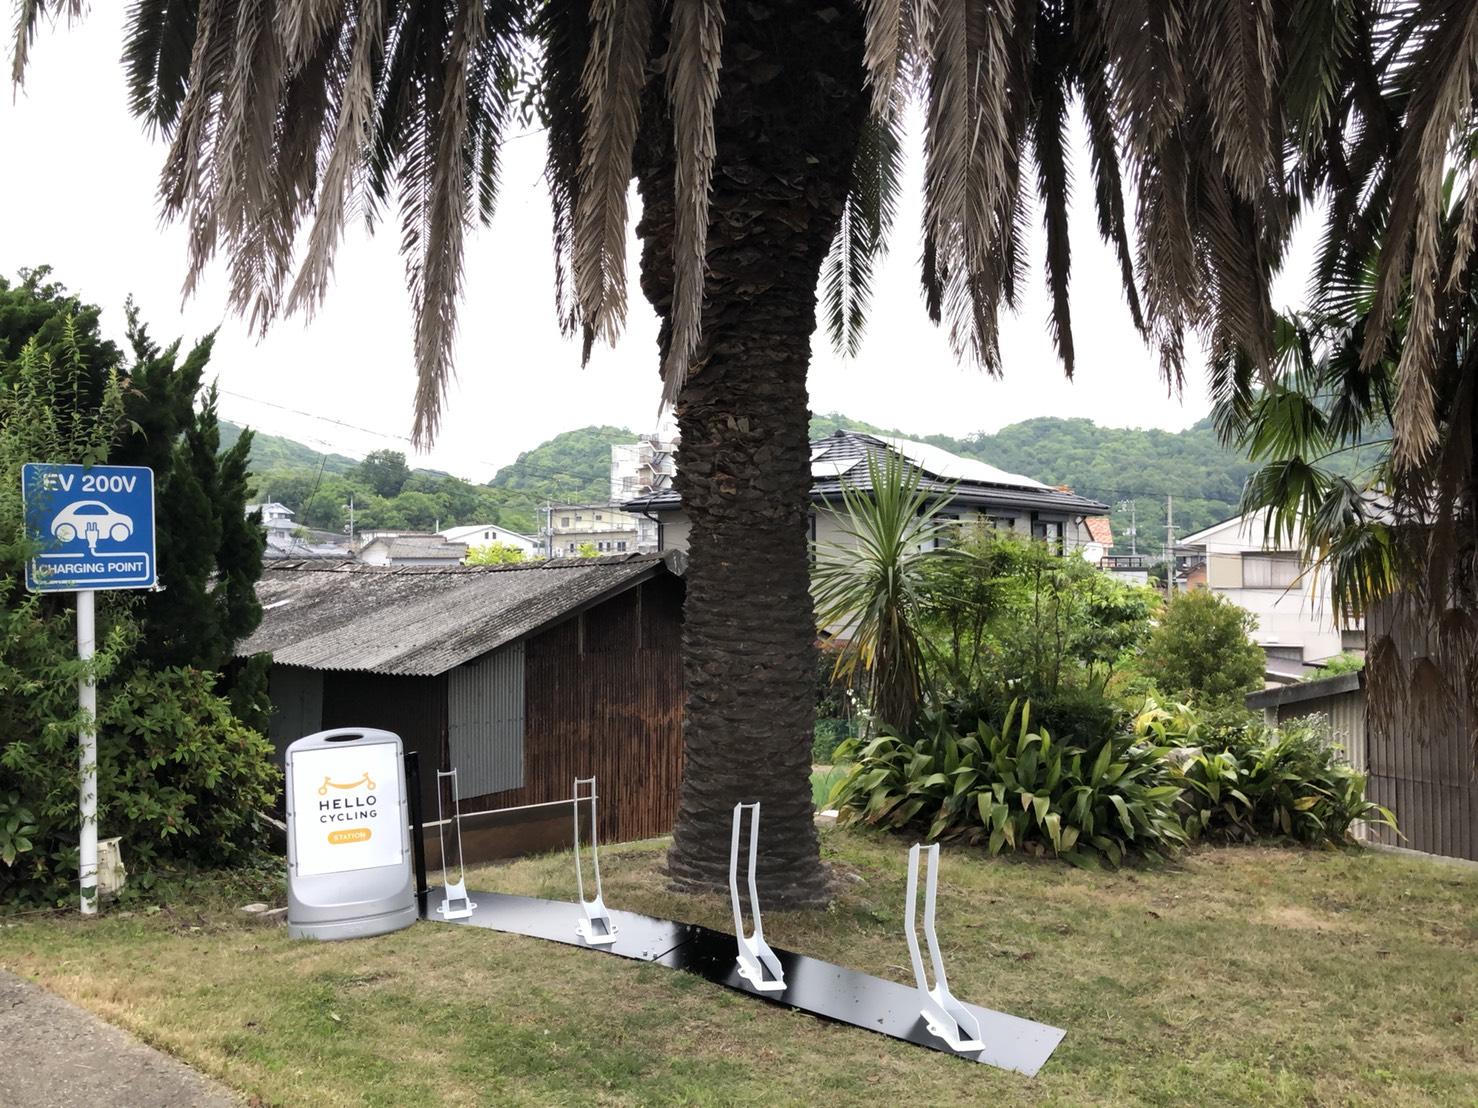 小豆島ホテルニュー海風 (HELLO CYCLING ポート) image